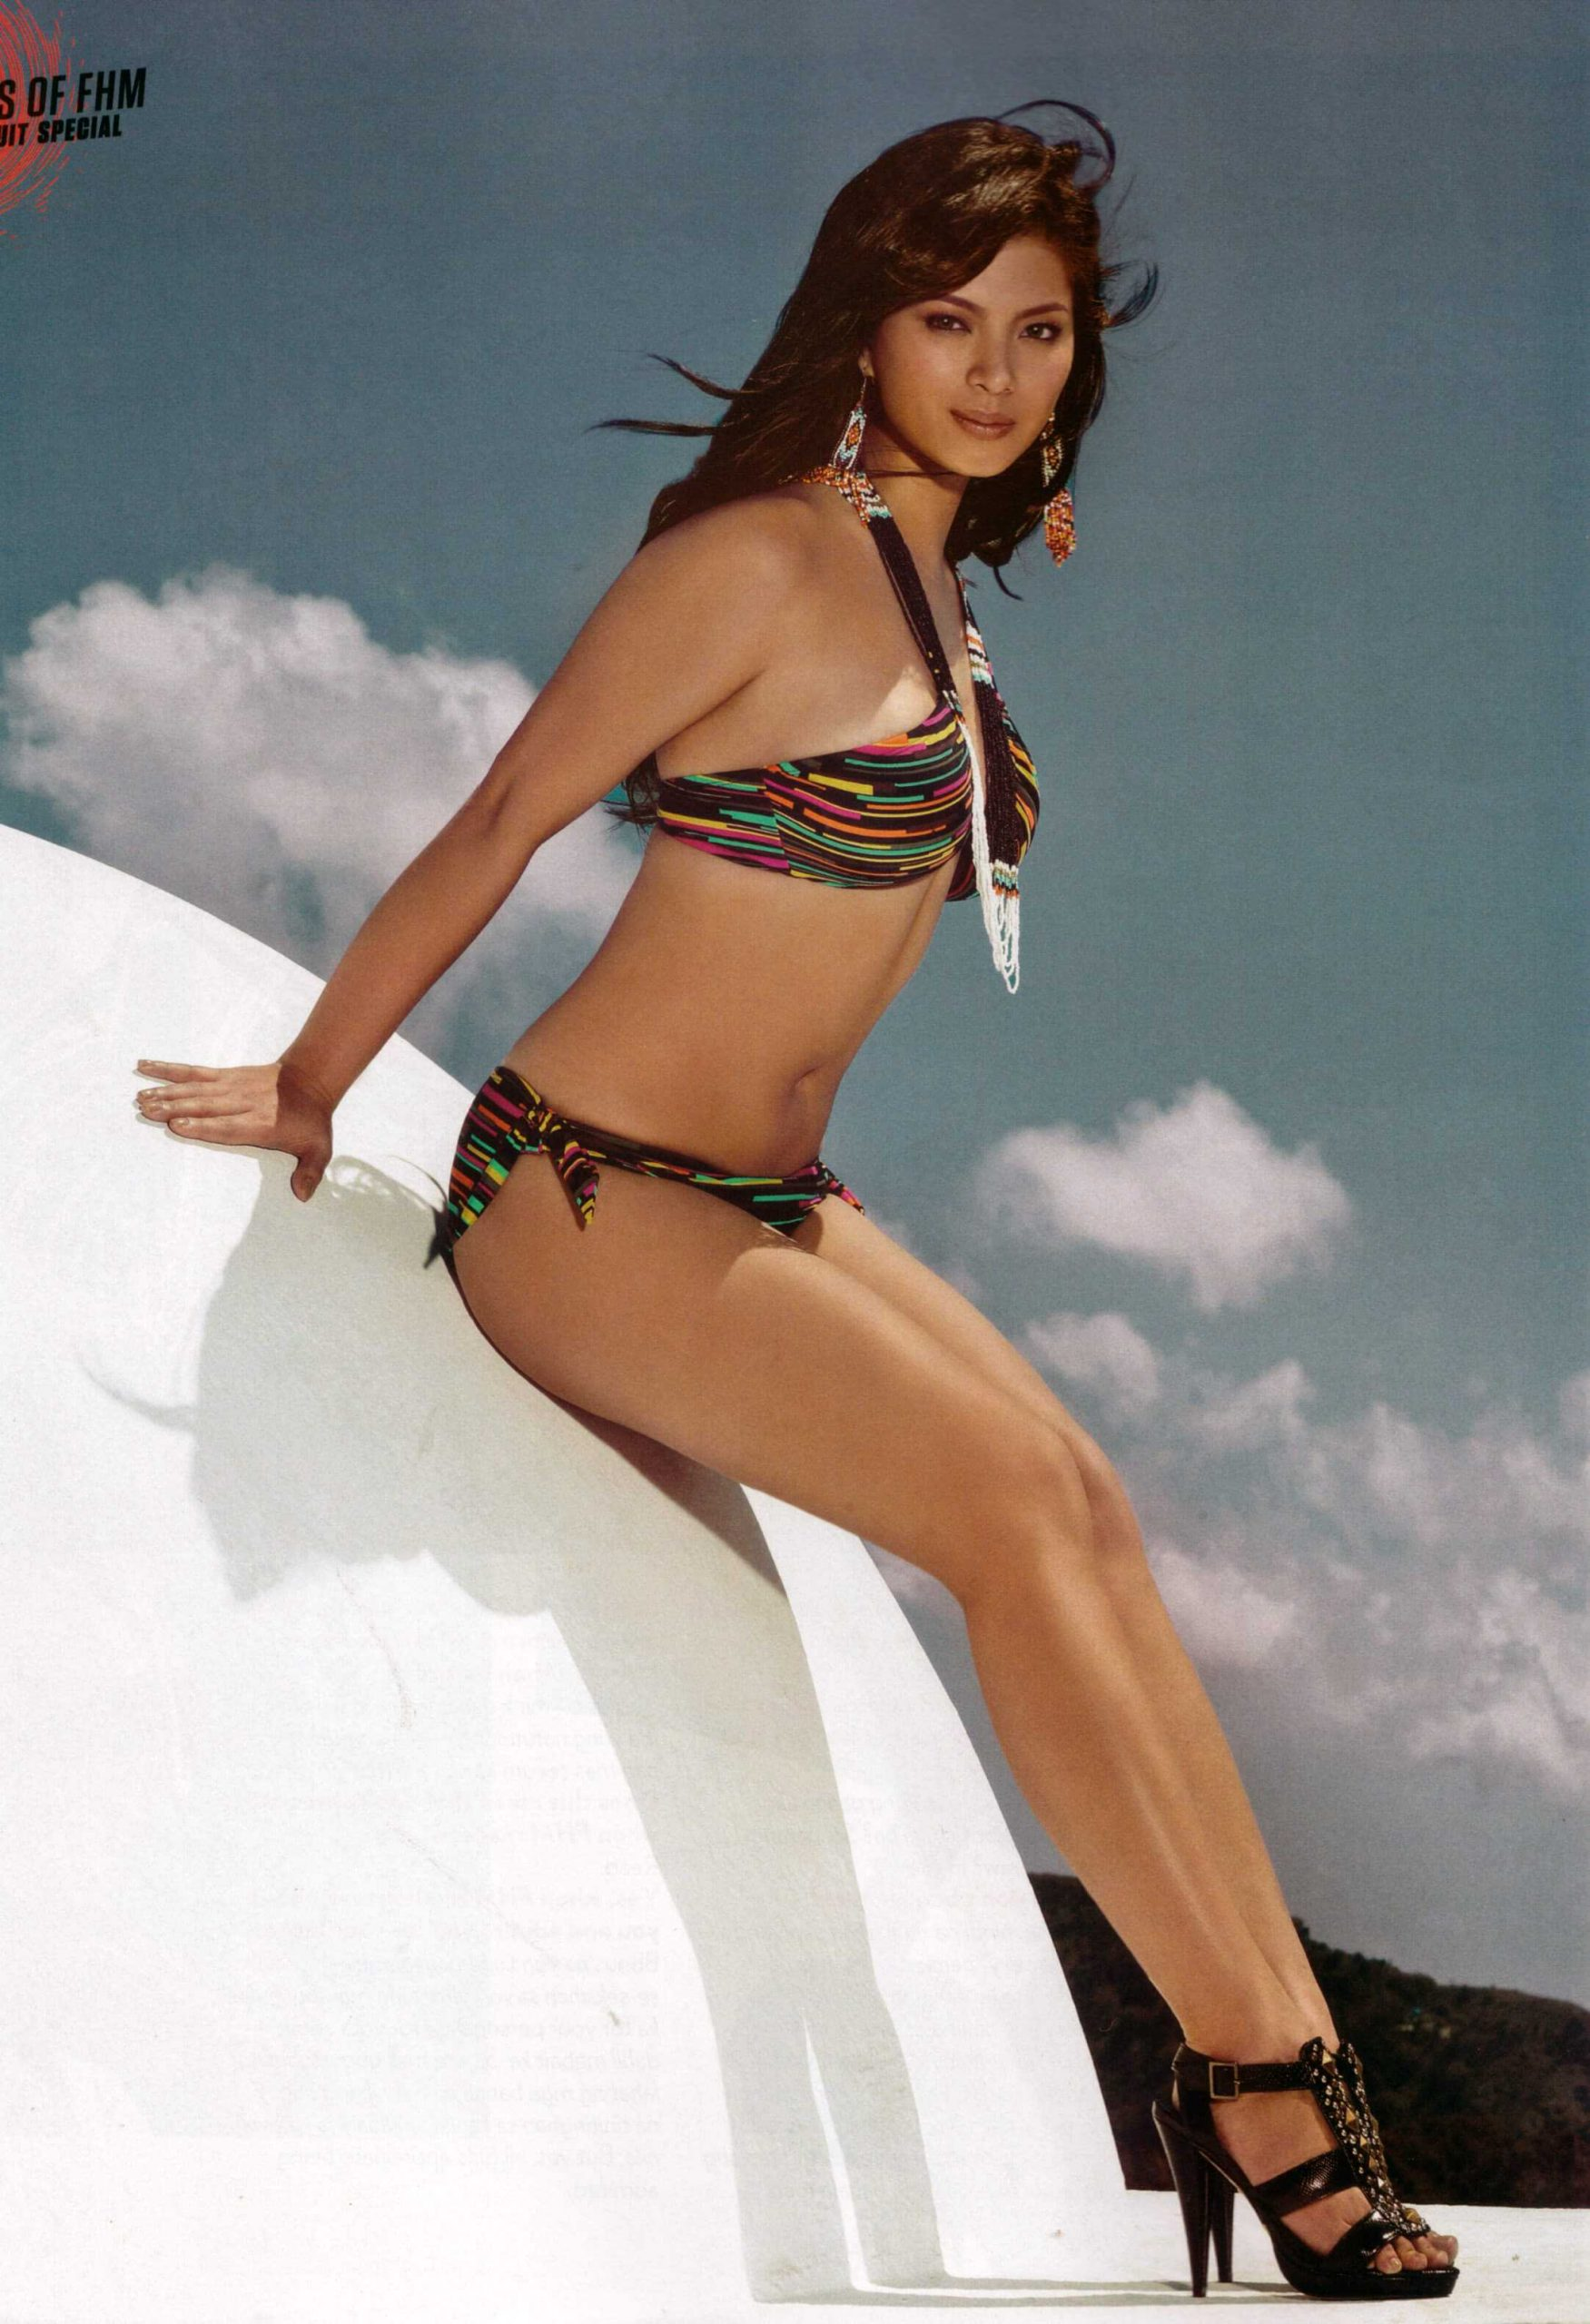 Angel Locsin bikini pics